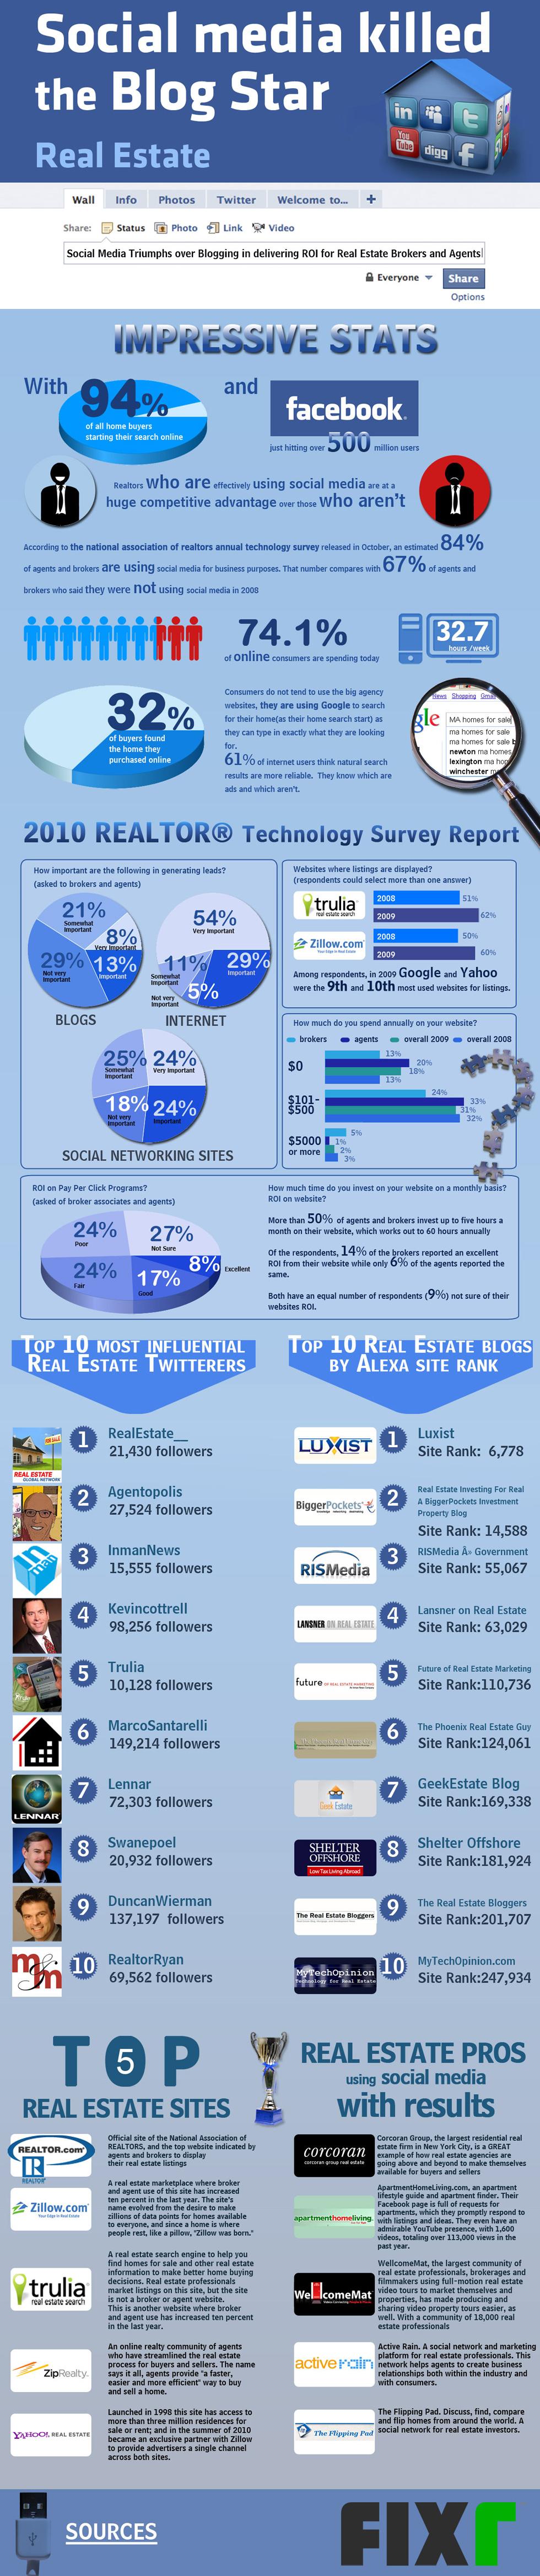 Real Estate Professionals & Social Media